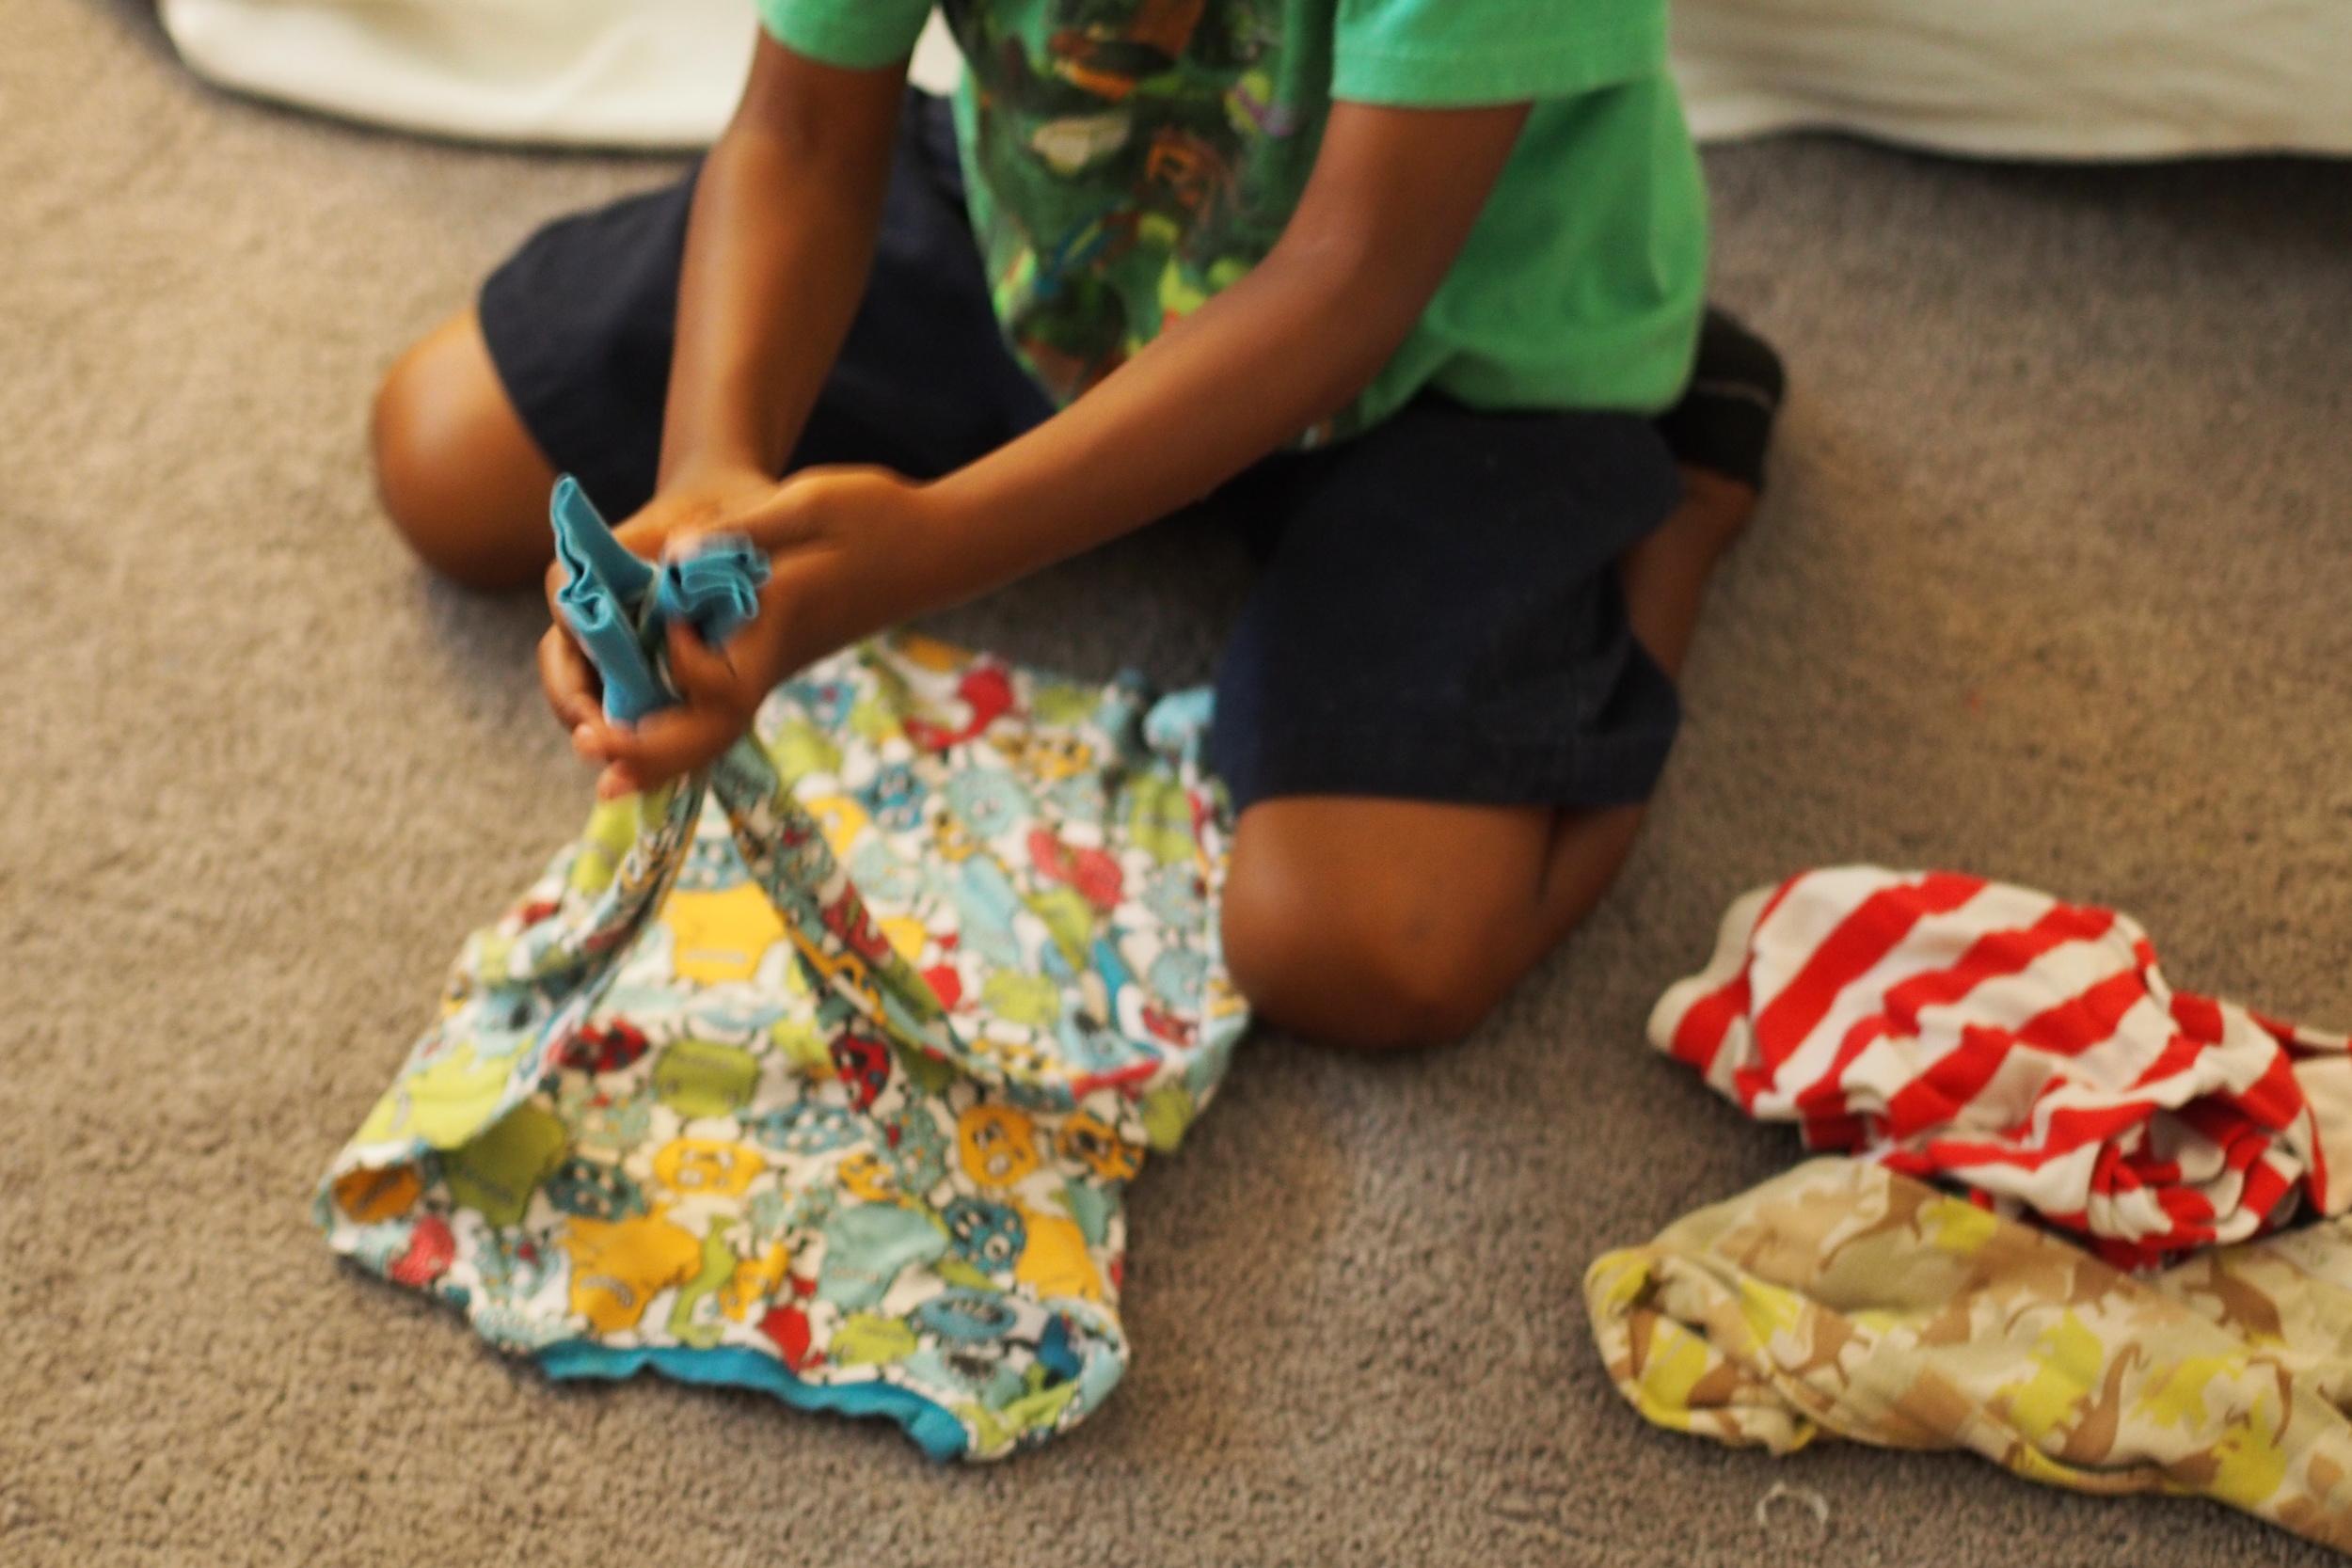 child folds clothing